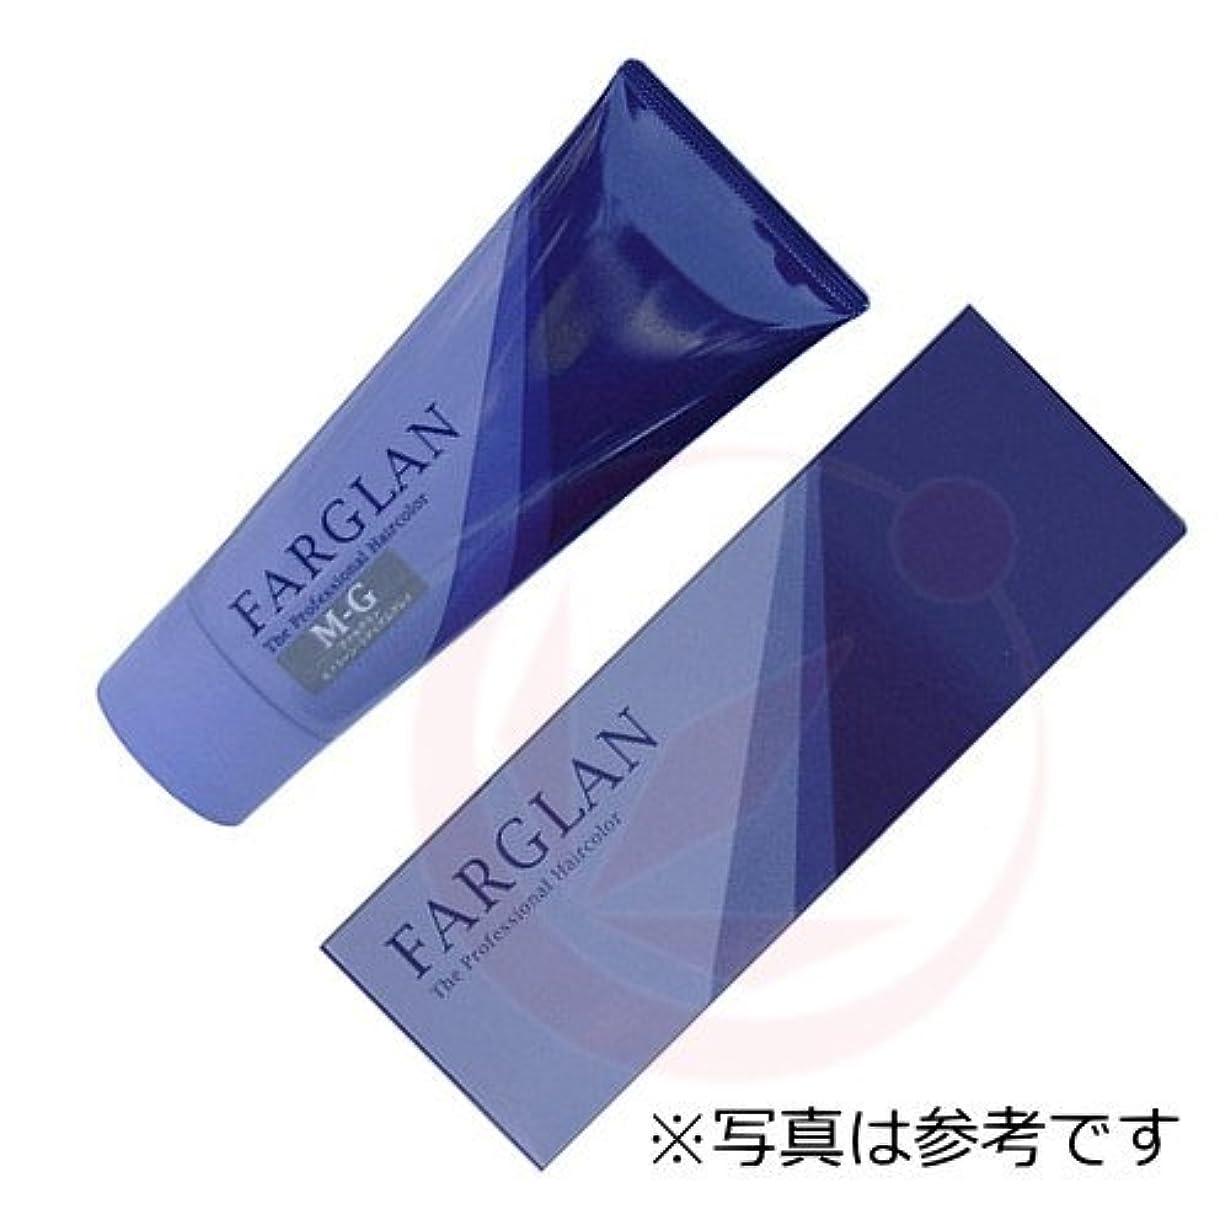 アジア助言する菊ミルボン ファルグラン 酸性グレイカラー ベージュブラウン 160g 【ベージュブラウン】M-BB